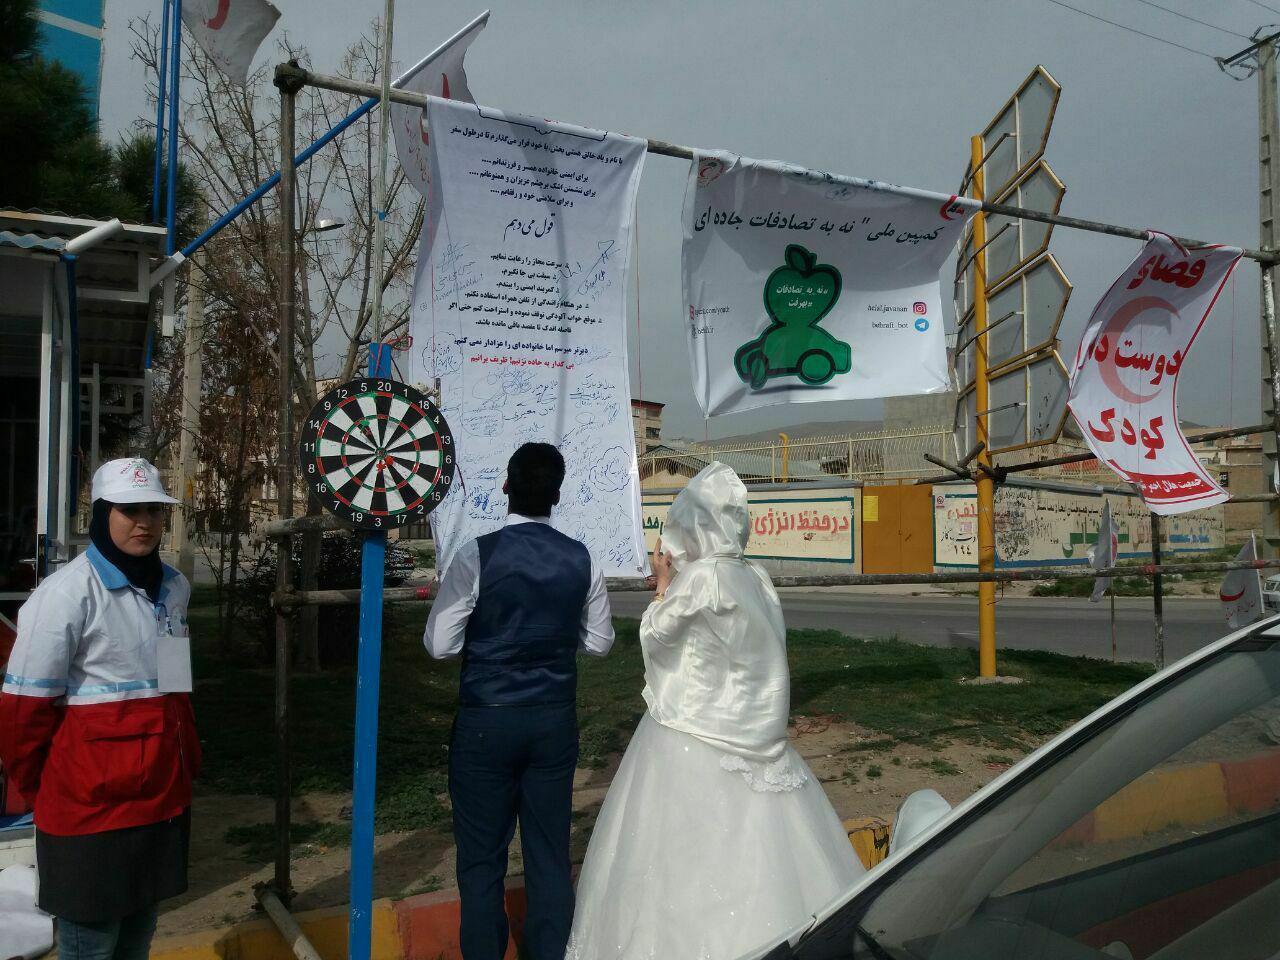 عروس و داماد نهاوندی به کمپین نه به تصادفات جادهای پیوستند